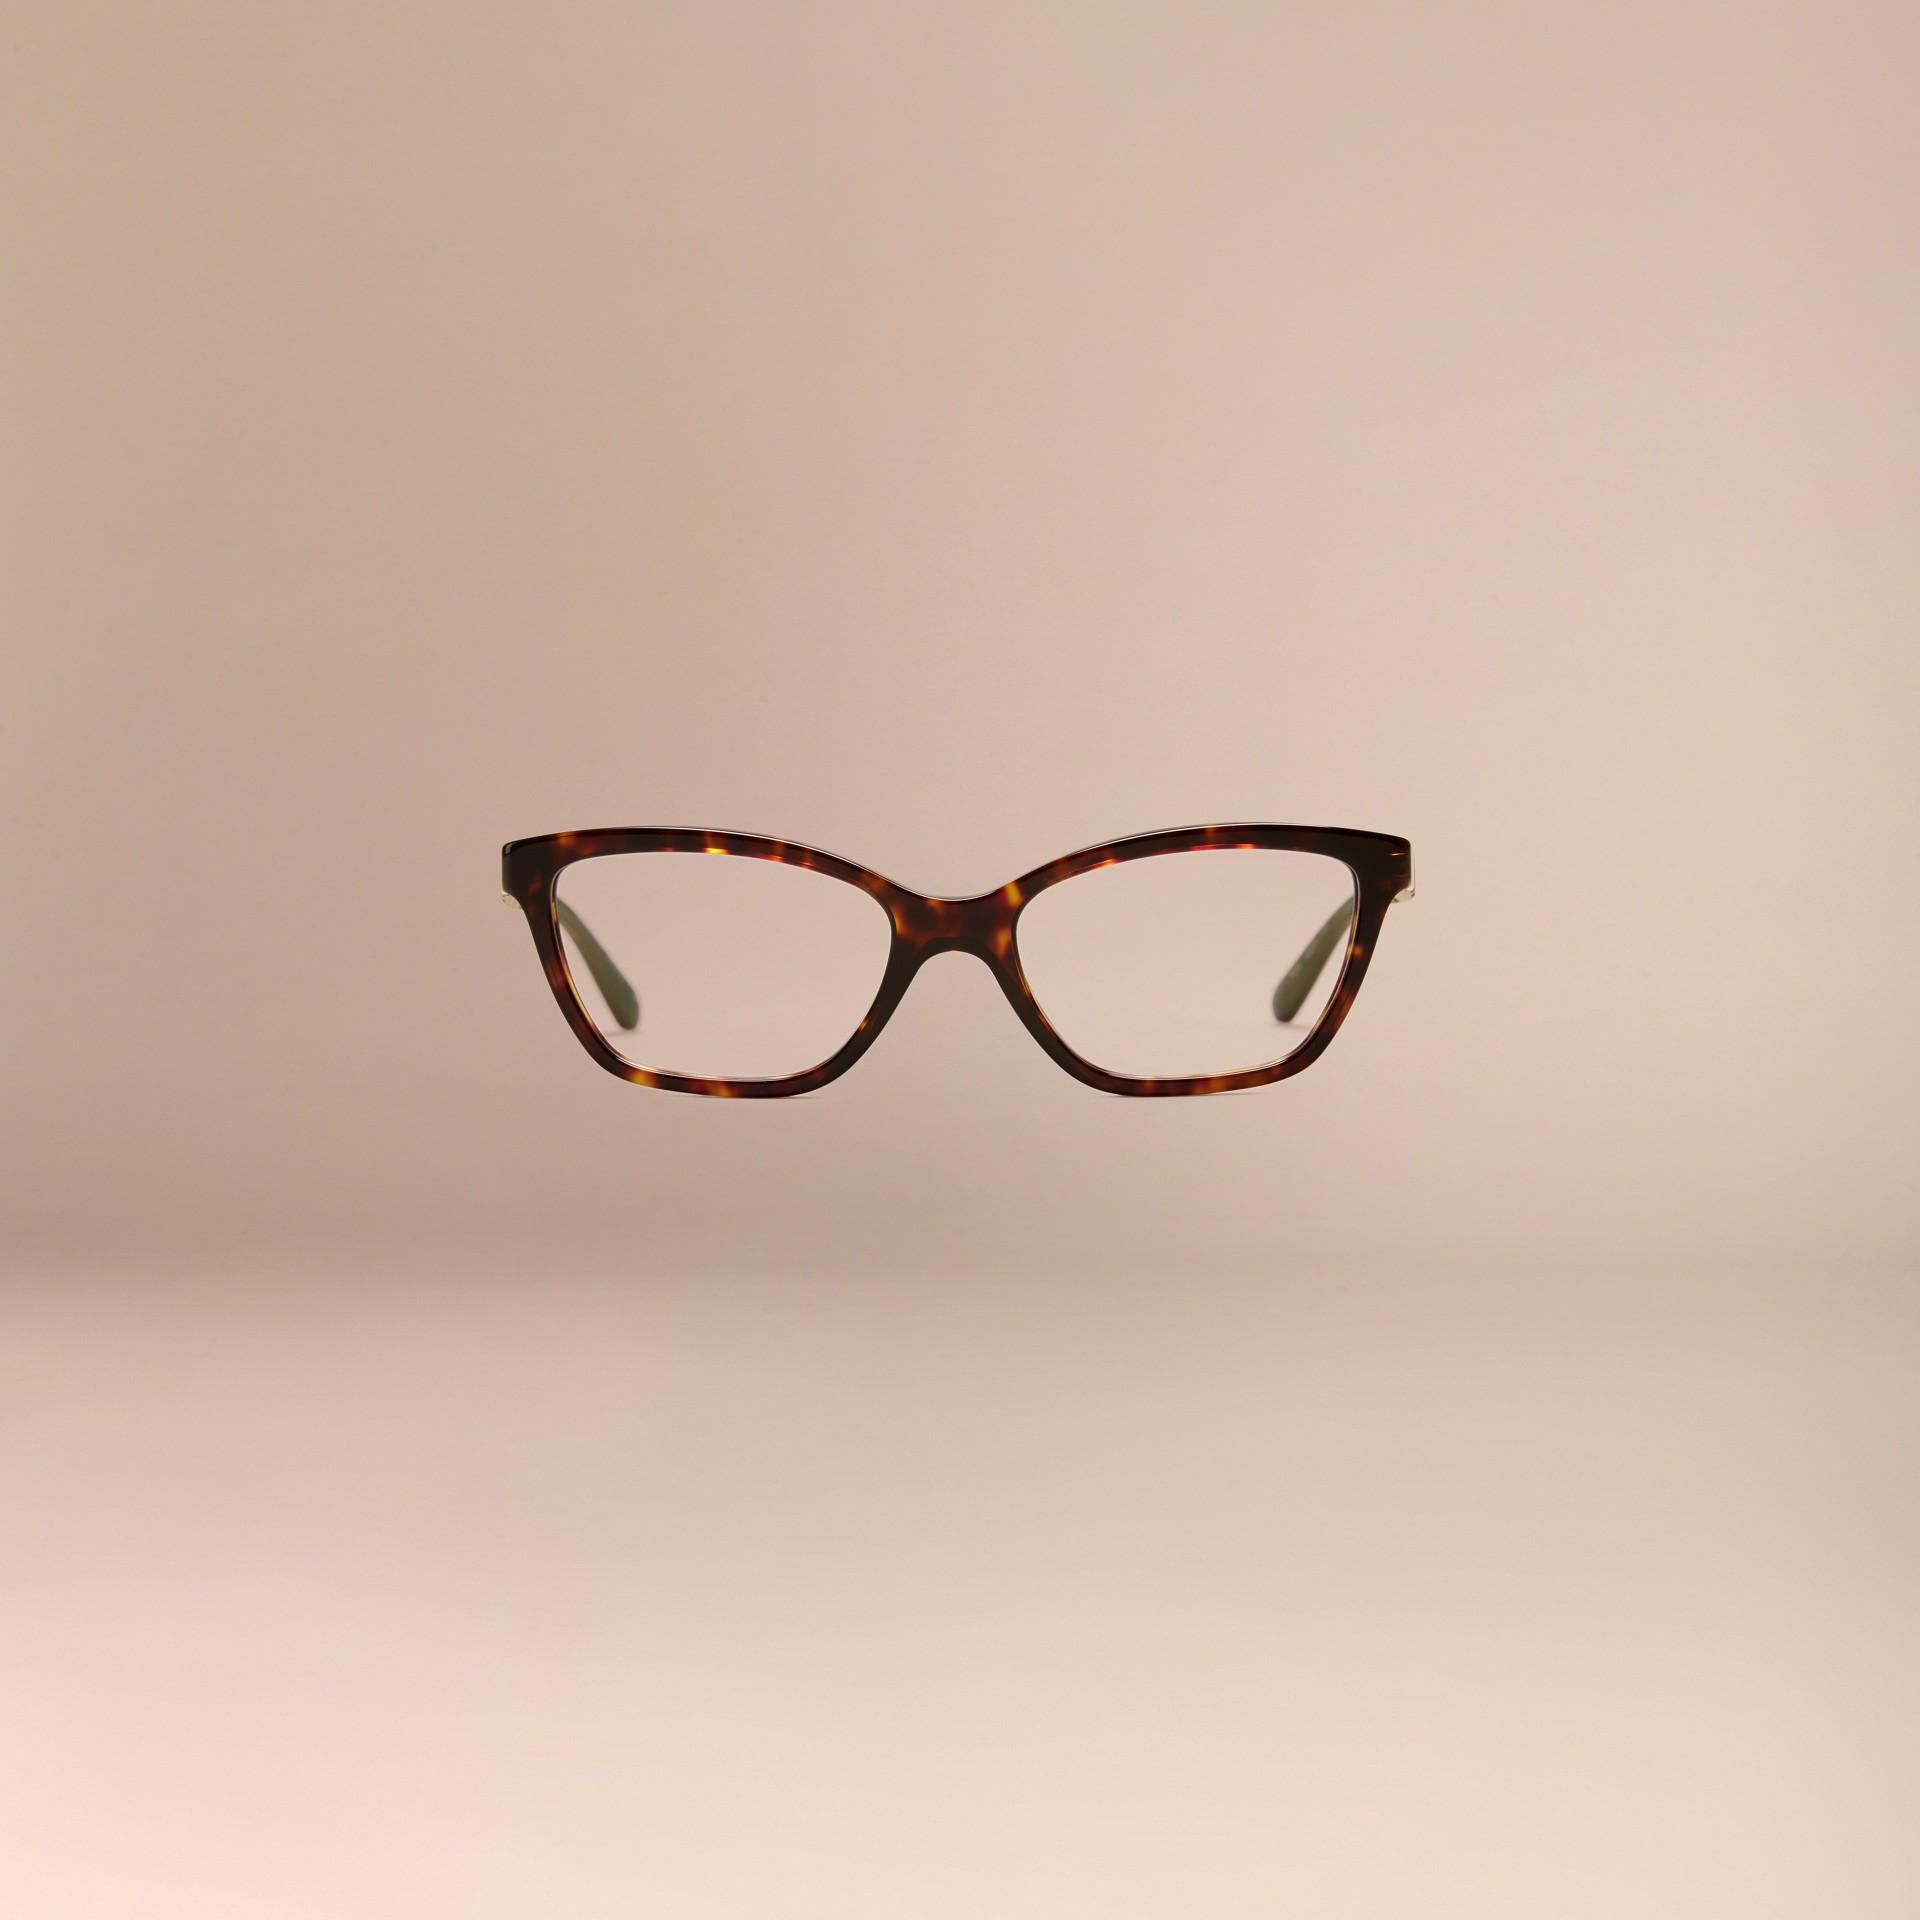 Écaille de tortue Monture œil de chat pour lunettes de vue à motif check Écaille  Tortue - photo de la galerie 3